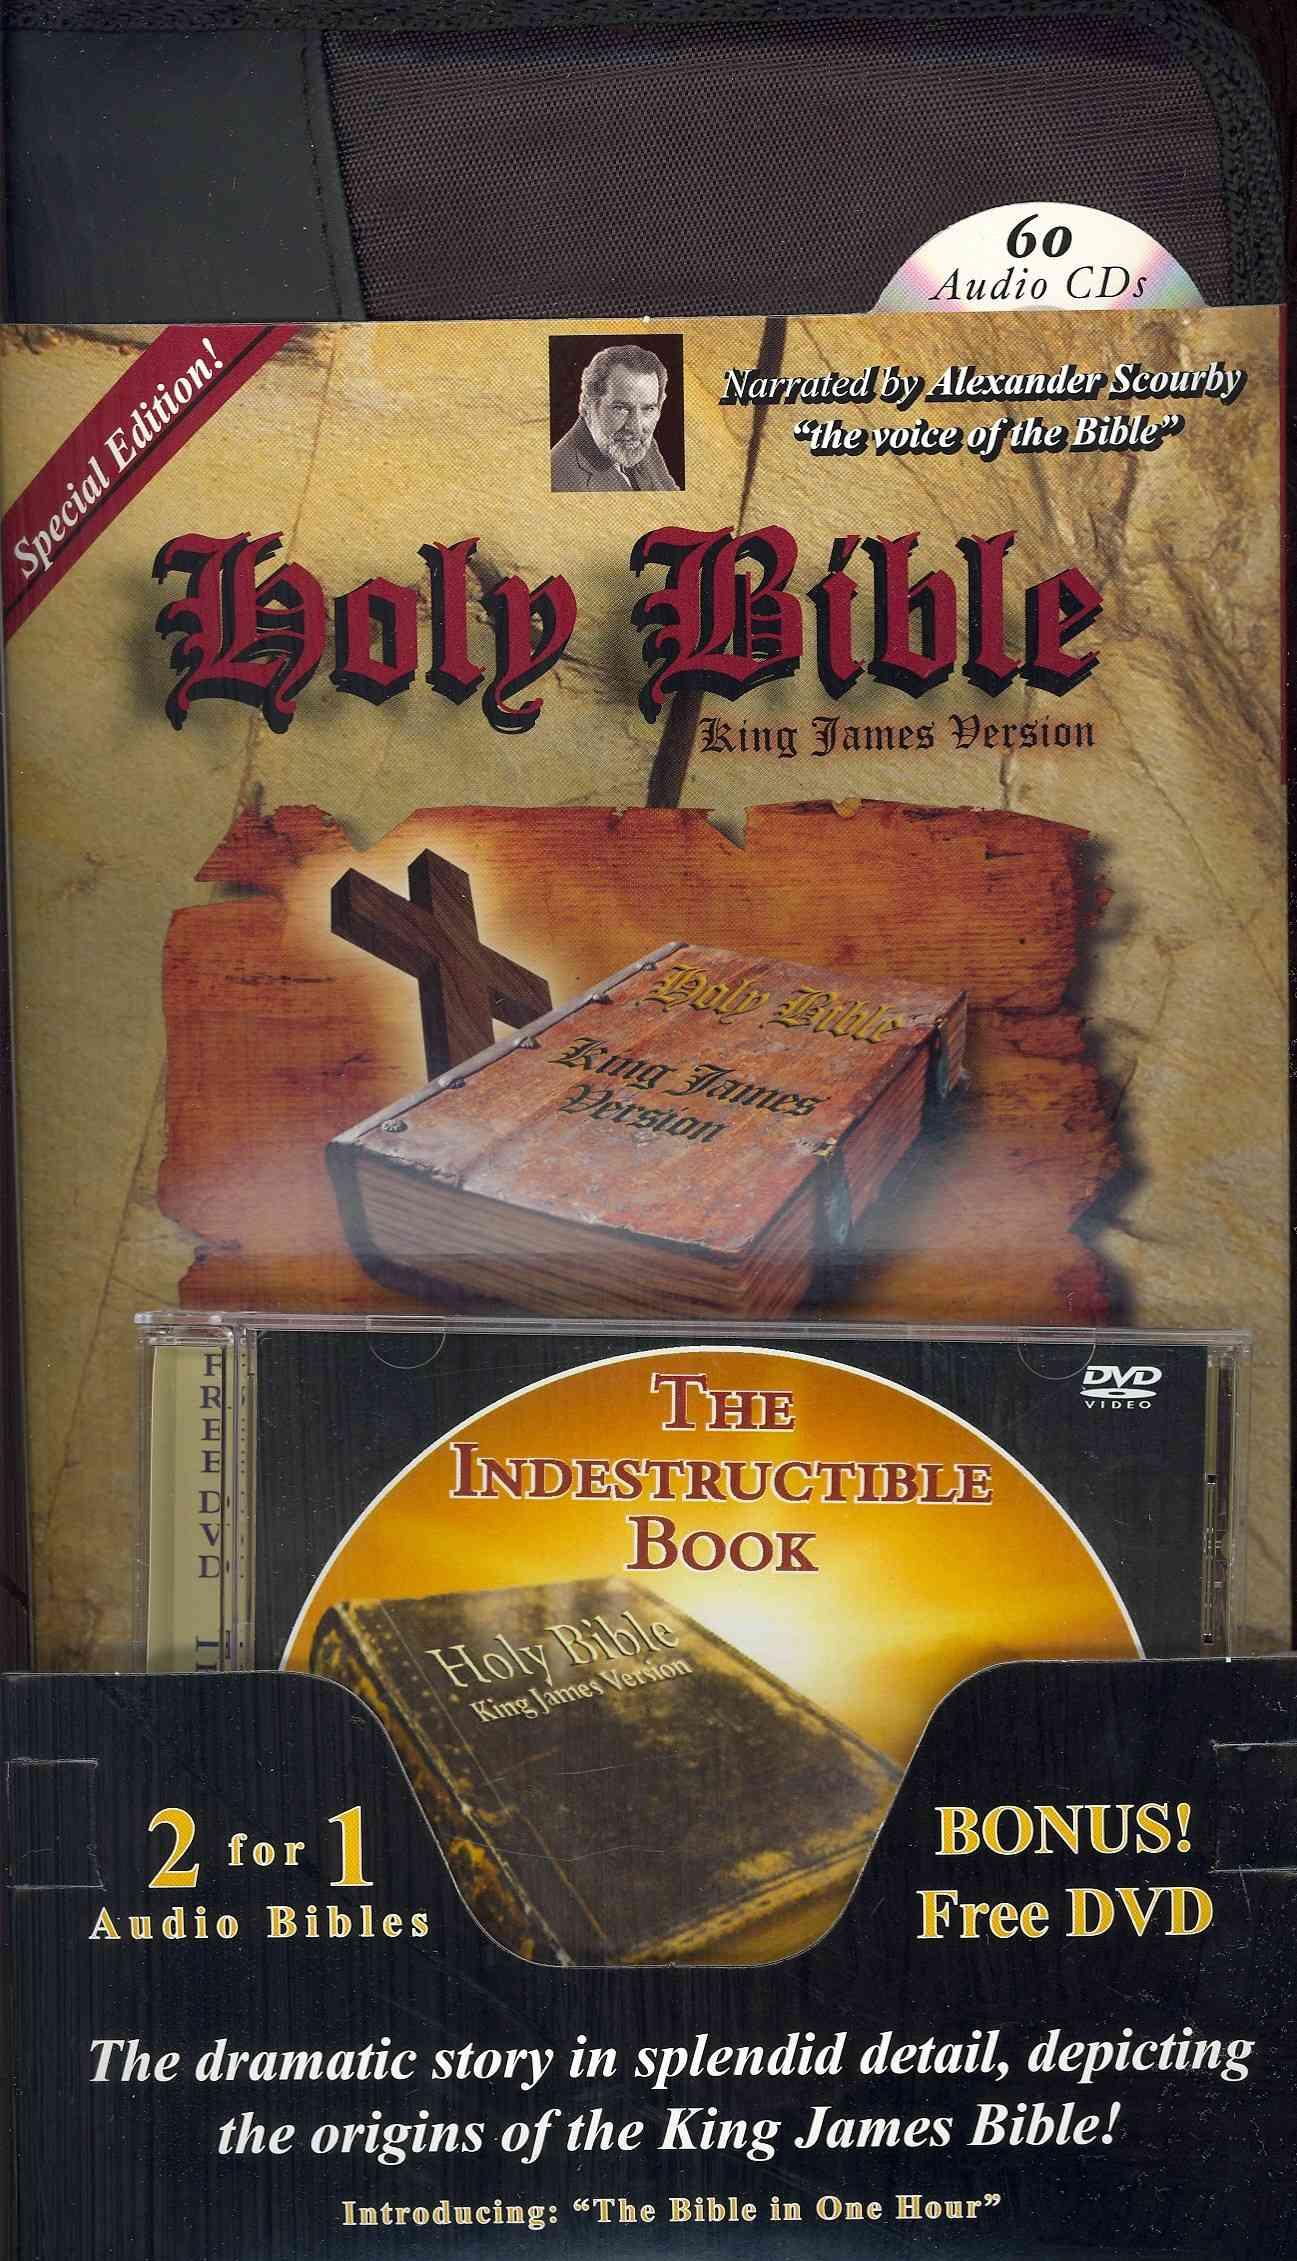 Audio Bible: King James Version